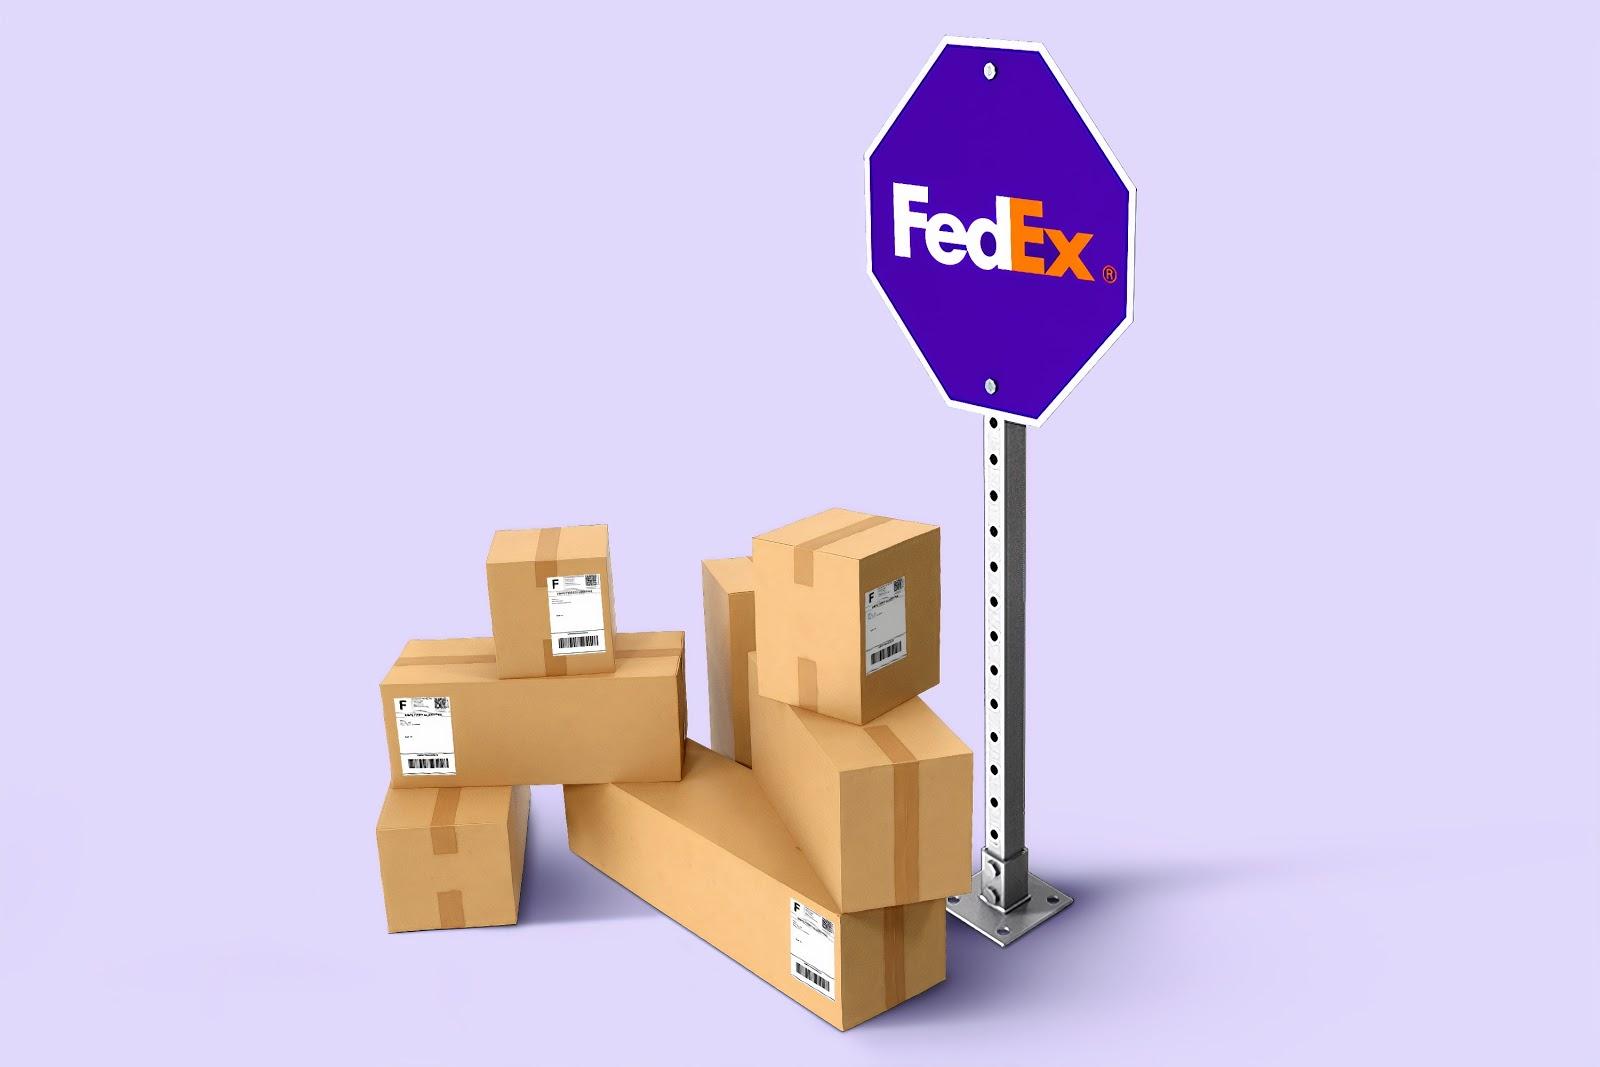 海外送料・税の設定